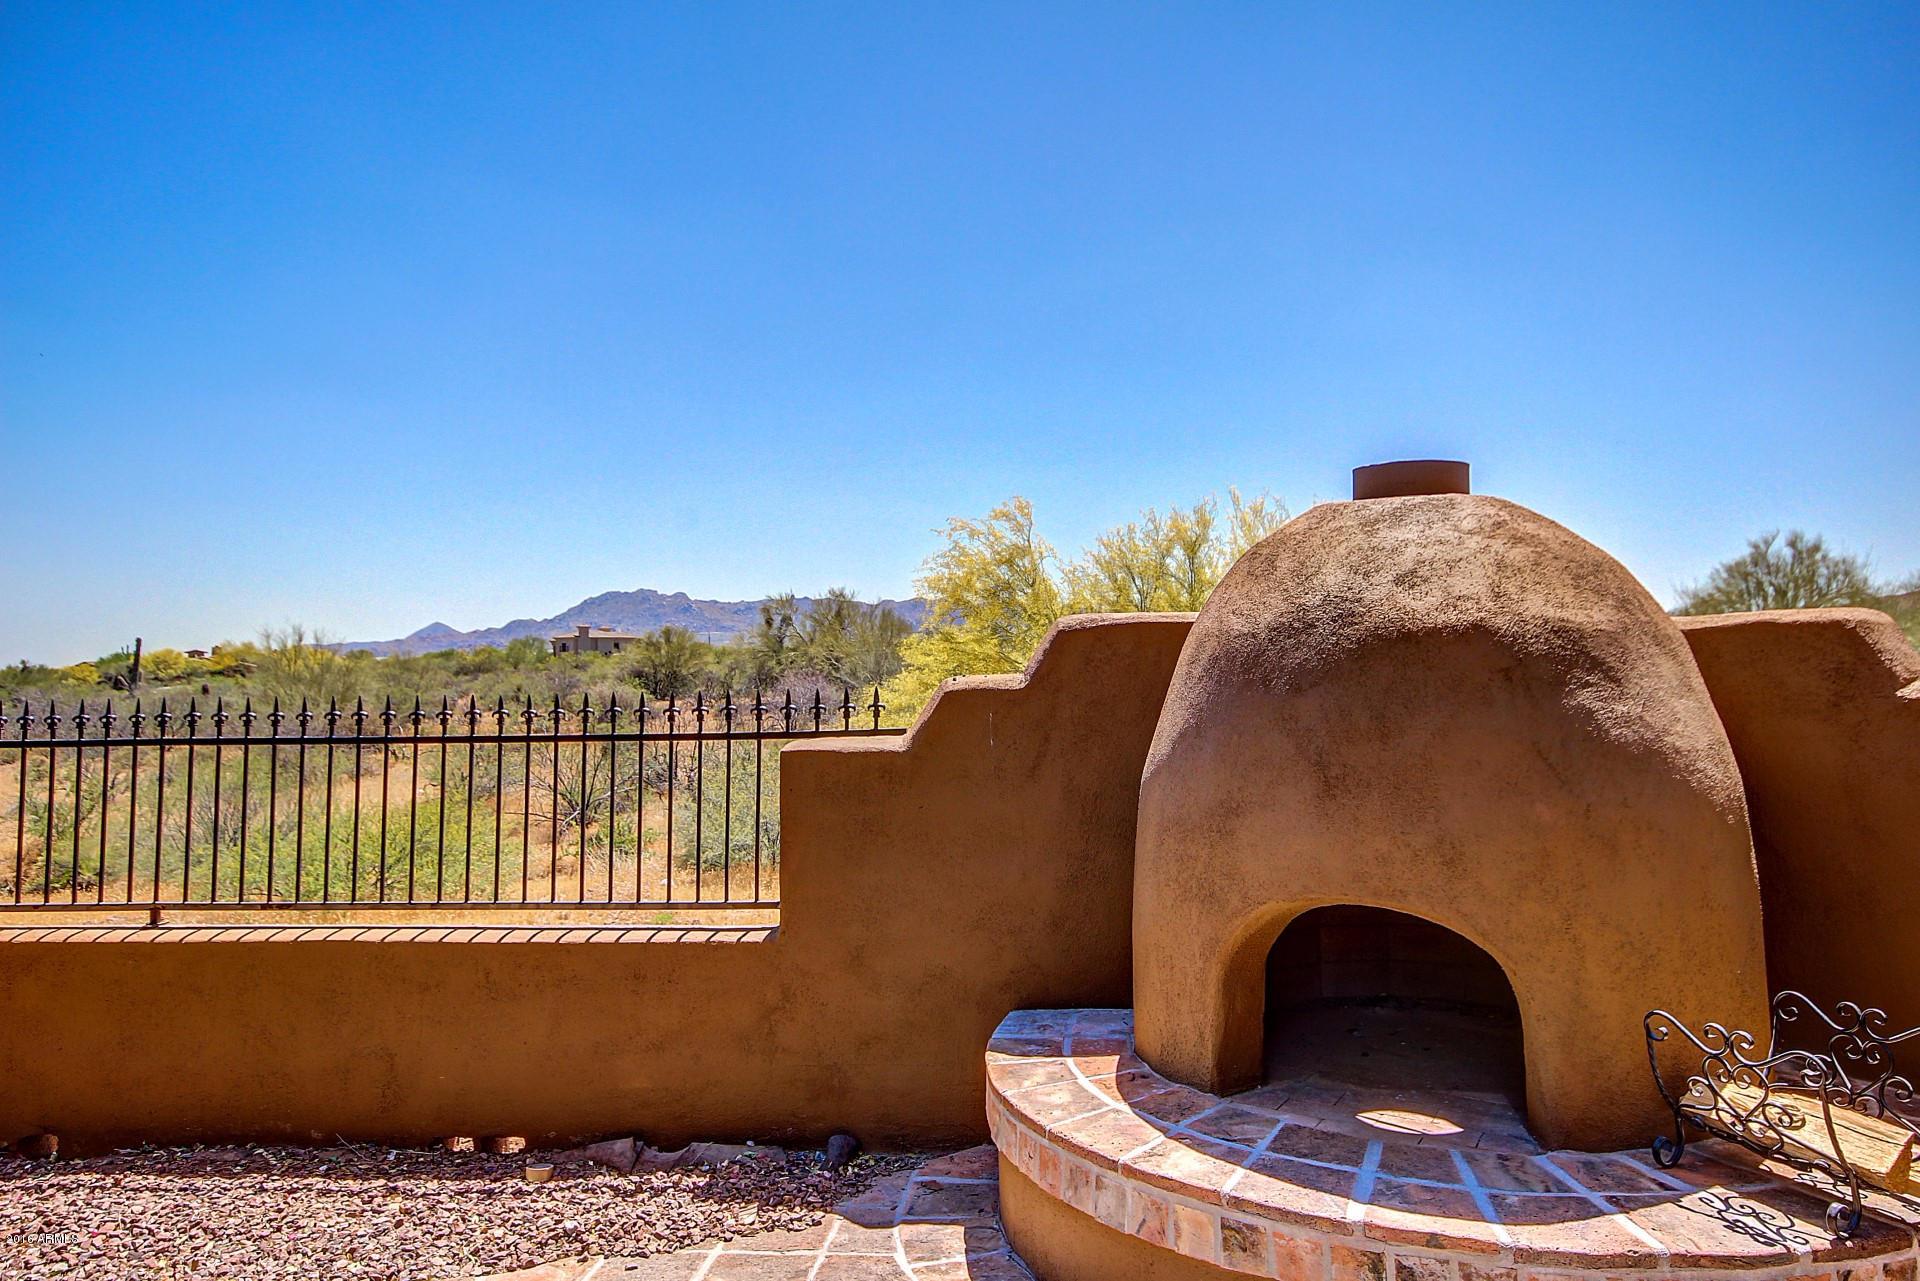 MLS 5836556 14031 E WINDSTONE Court, Scottsdale, AZ 85262 Scottsdale AZ Granite Mountain Ranch